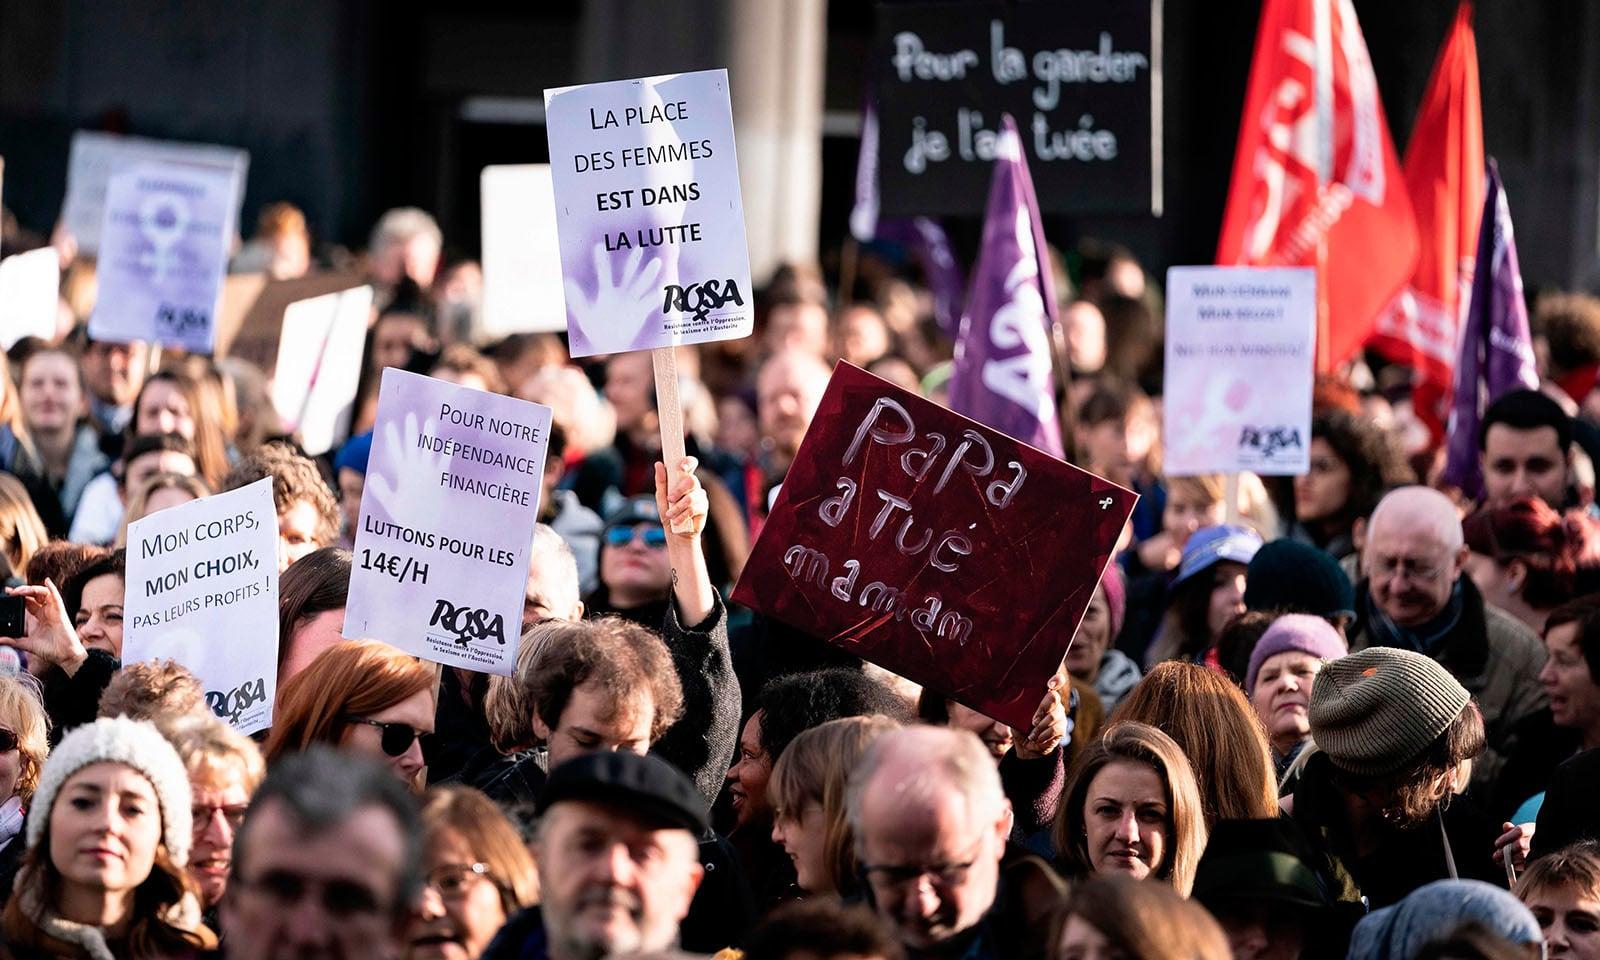 بیلجیئم میں خواتین پر ہونے والے تشدد کو روکنے کے عالمی دن کے موقع پر مظاہرے کیے گئے — فوٹو: اے ایف پی